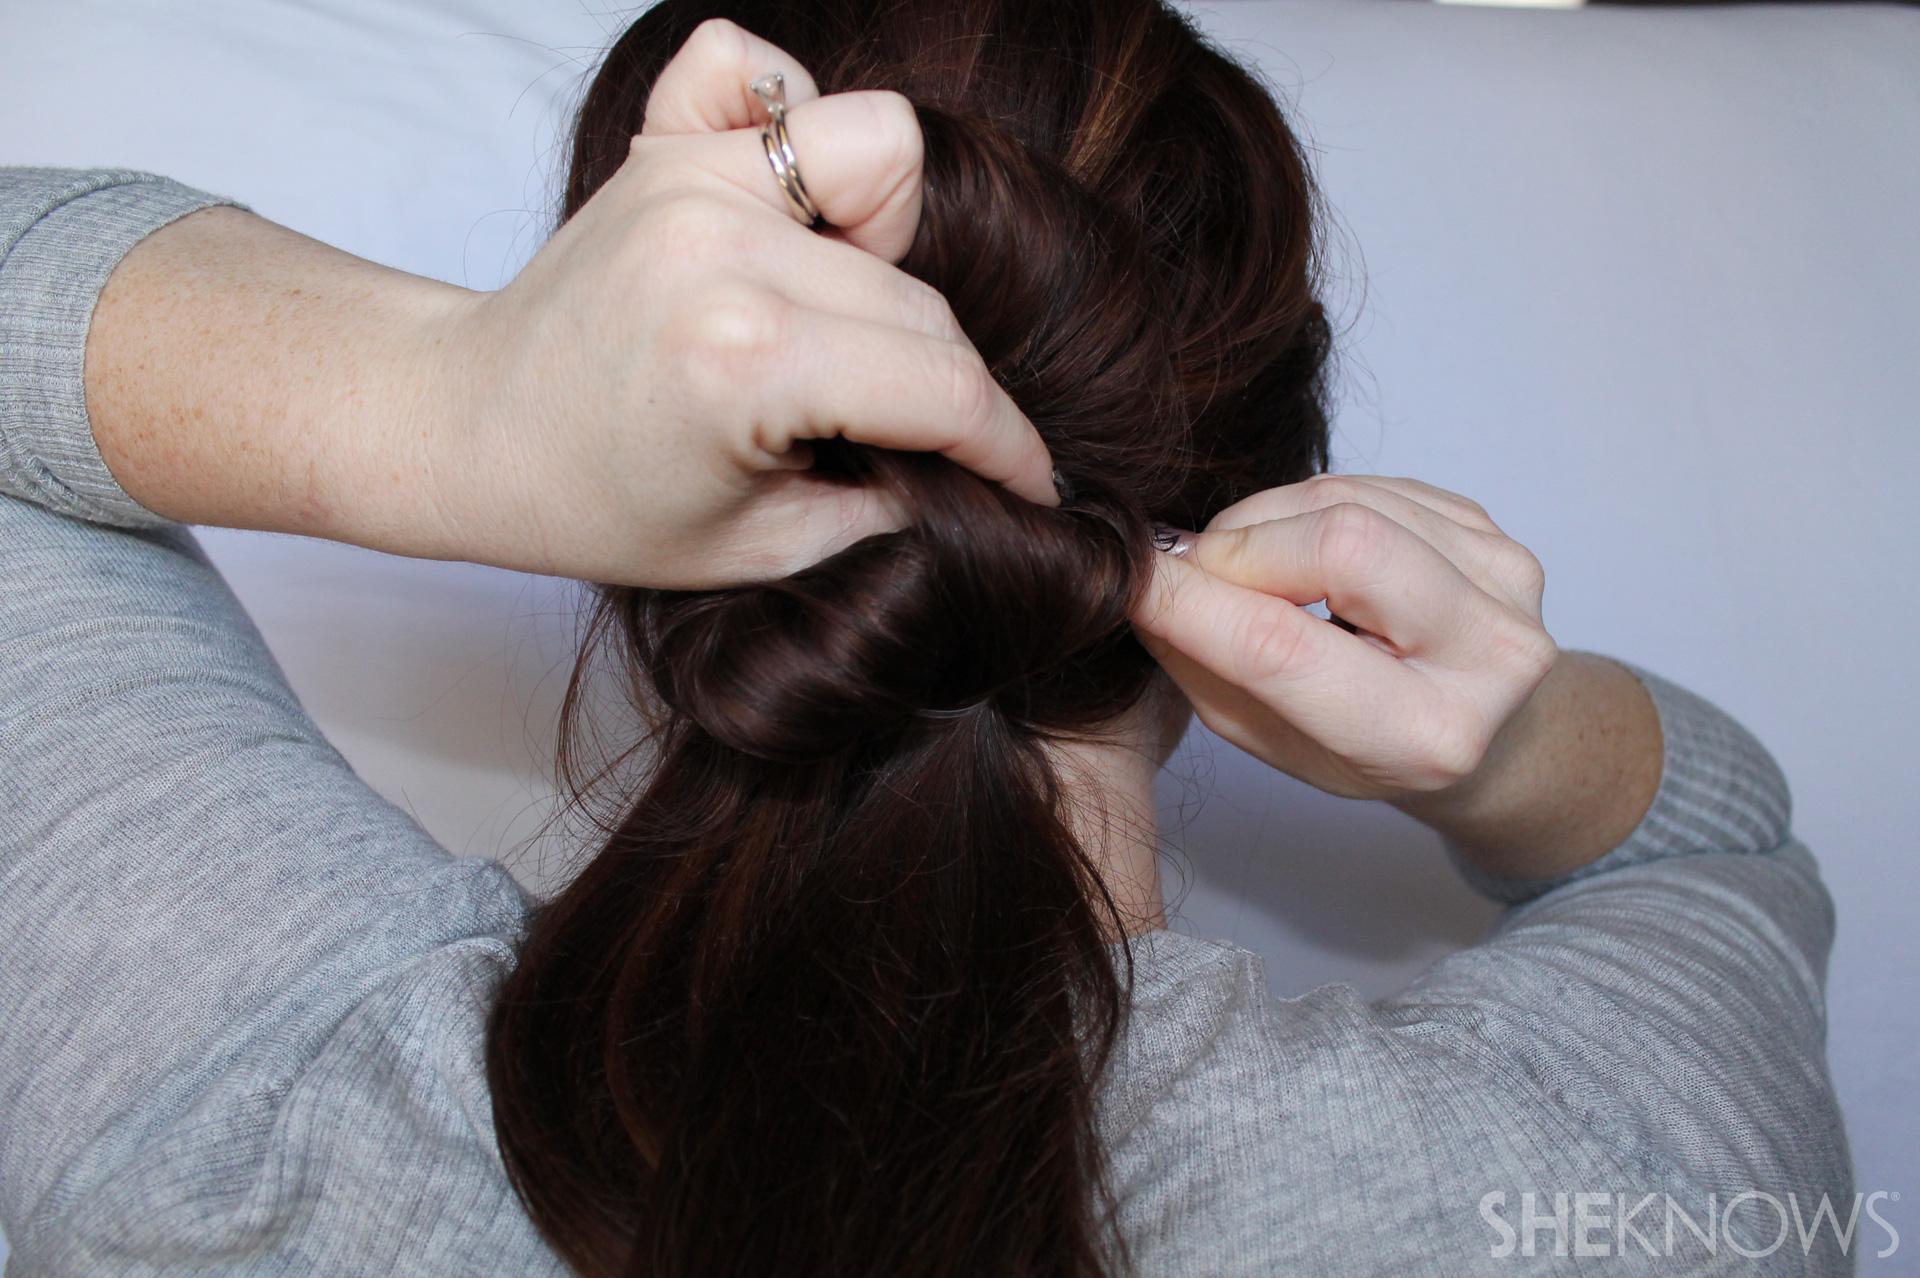 Thin hair tutorial | Sheknows.com - step 12